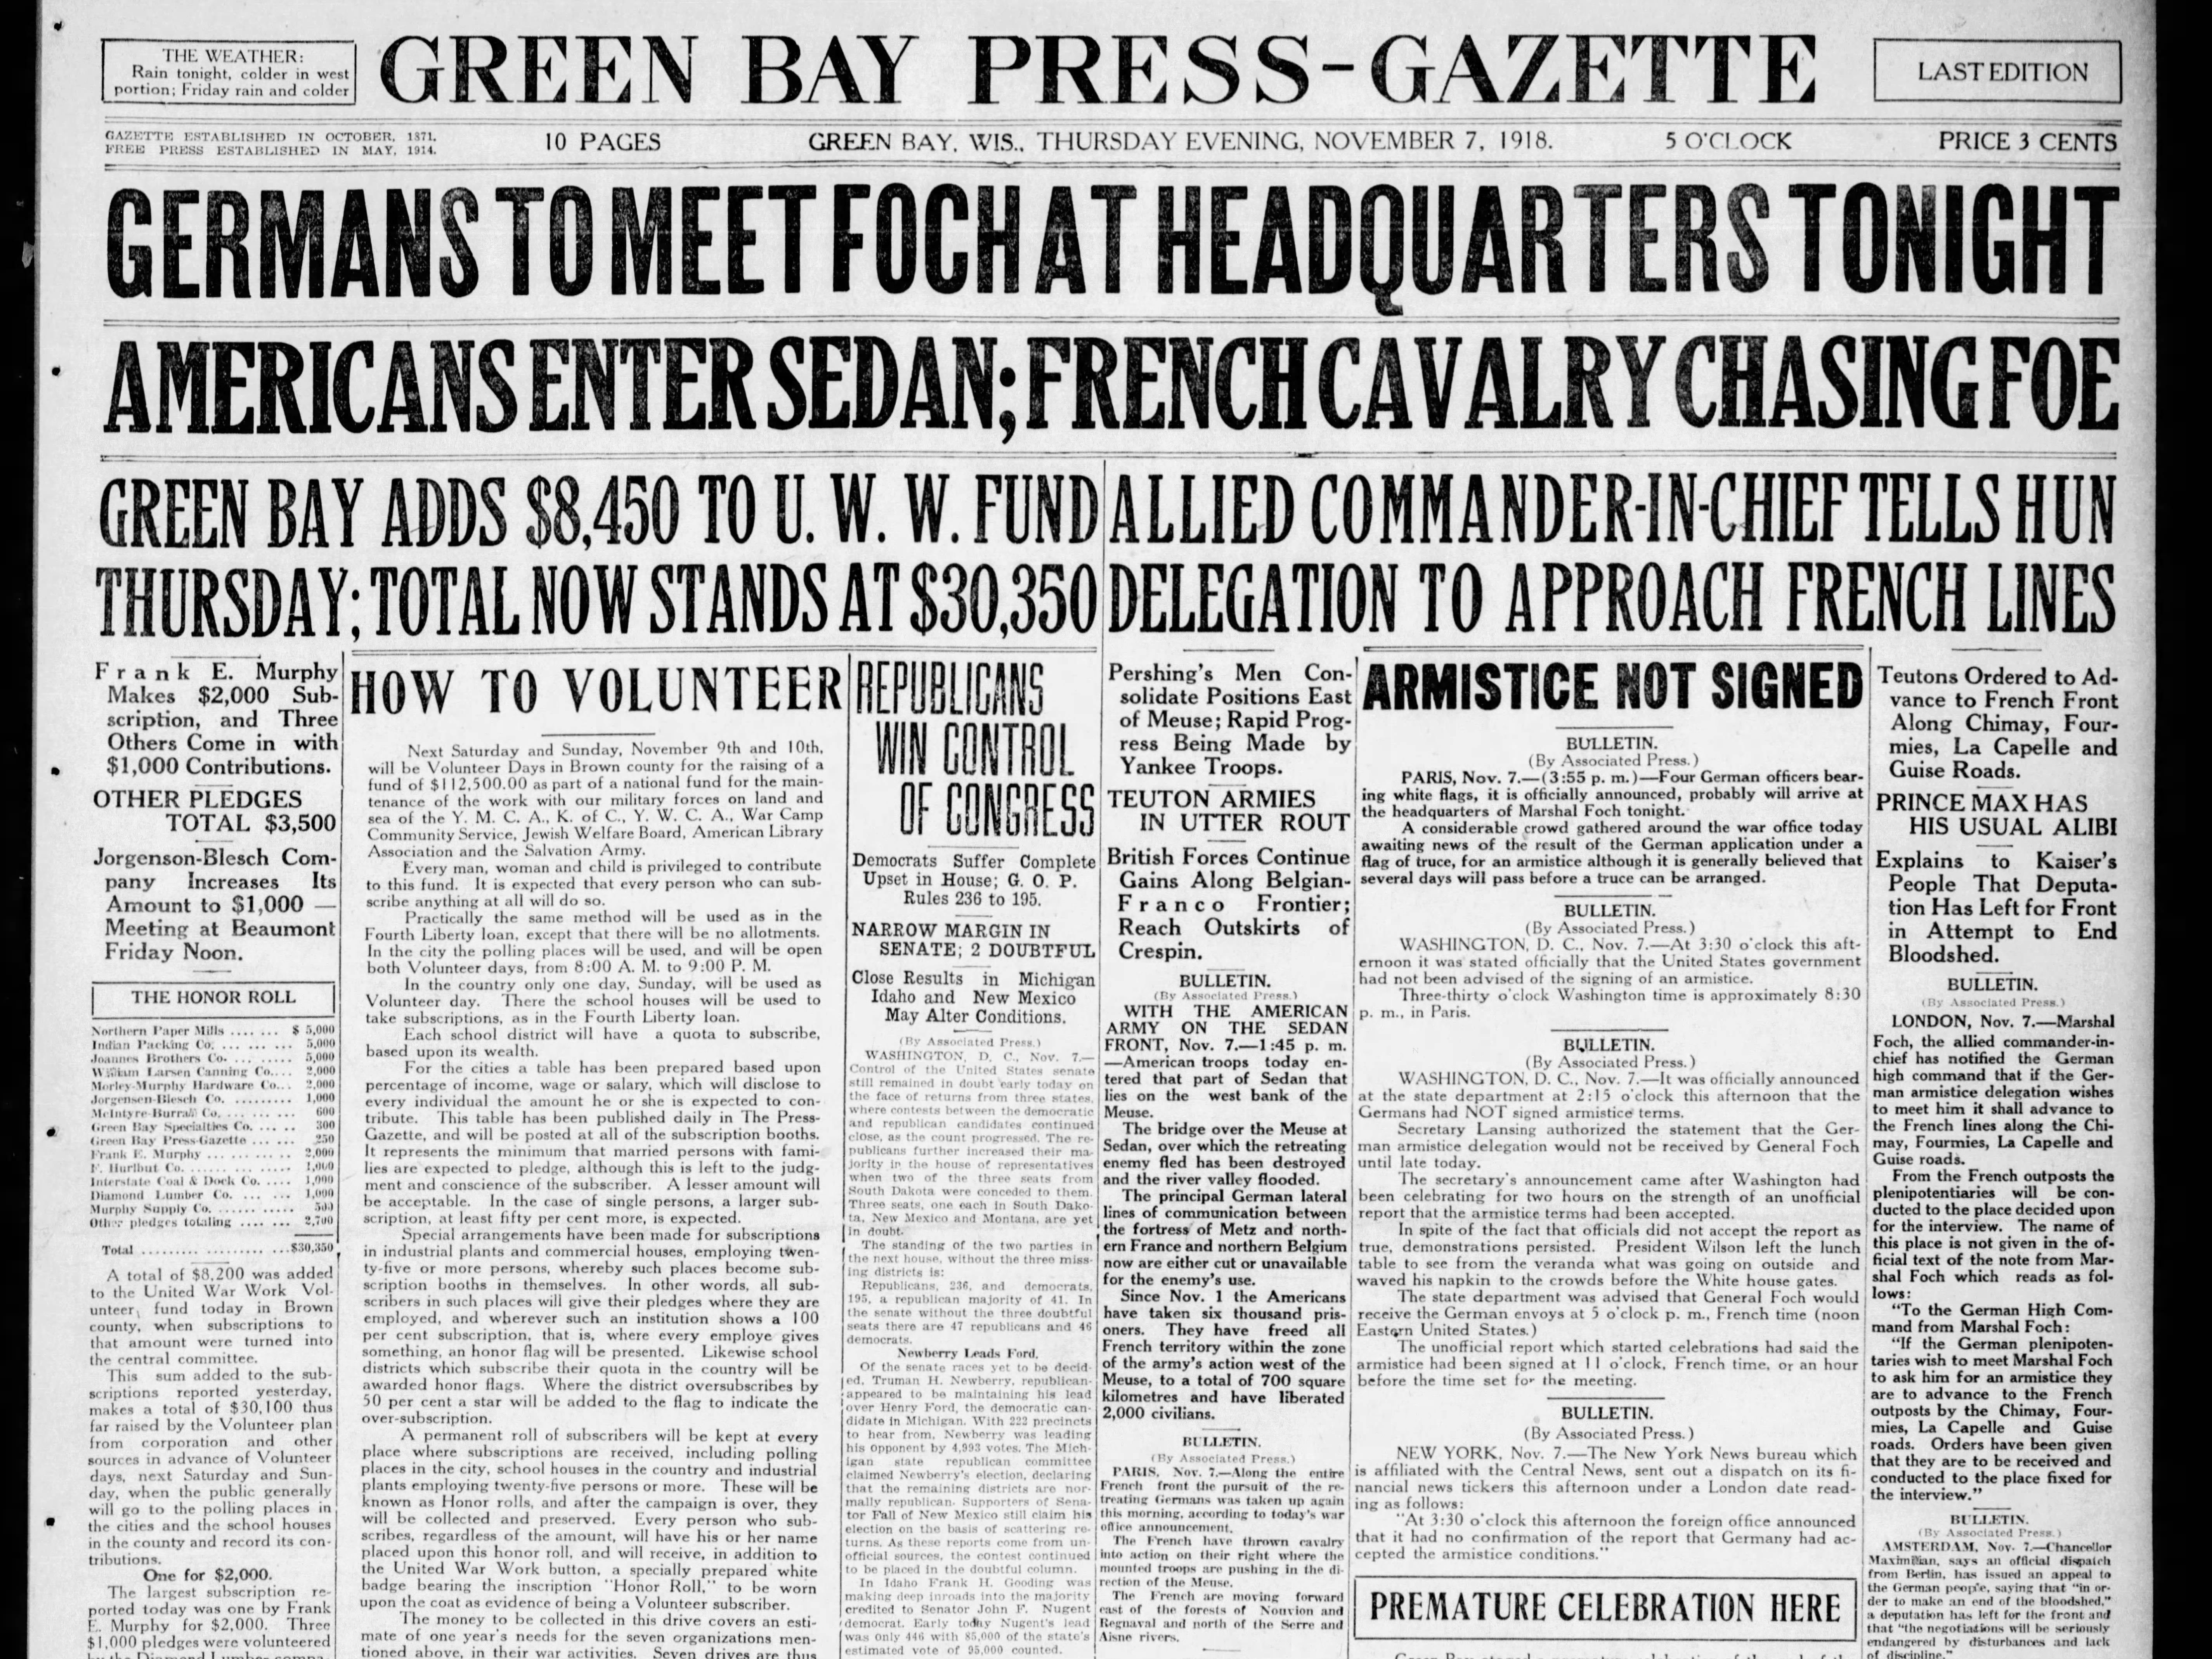 Today in History: Nov. 7, 1918